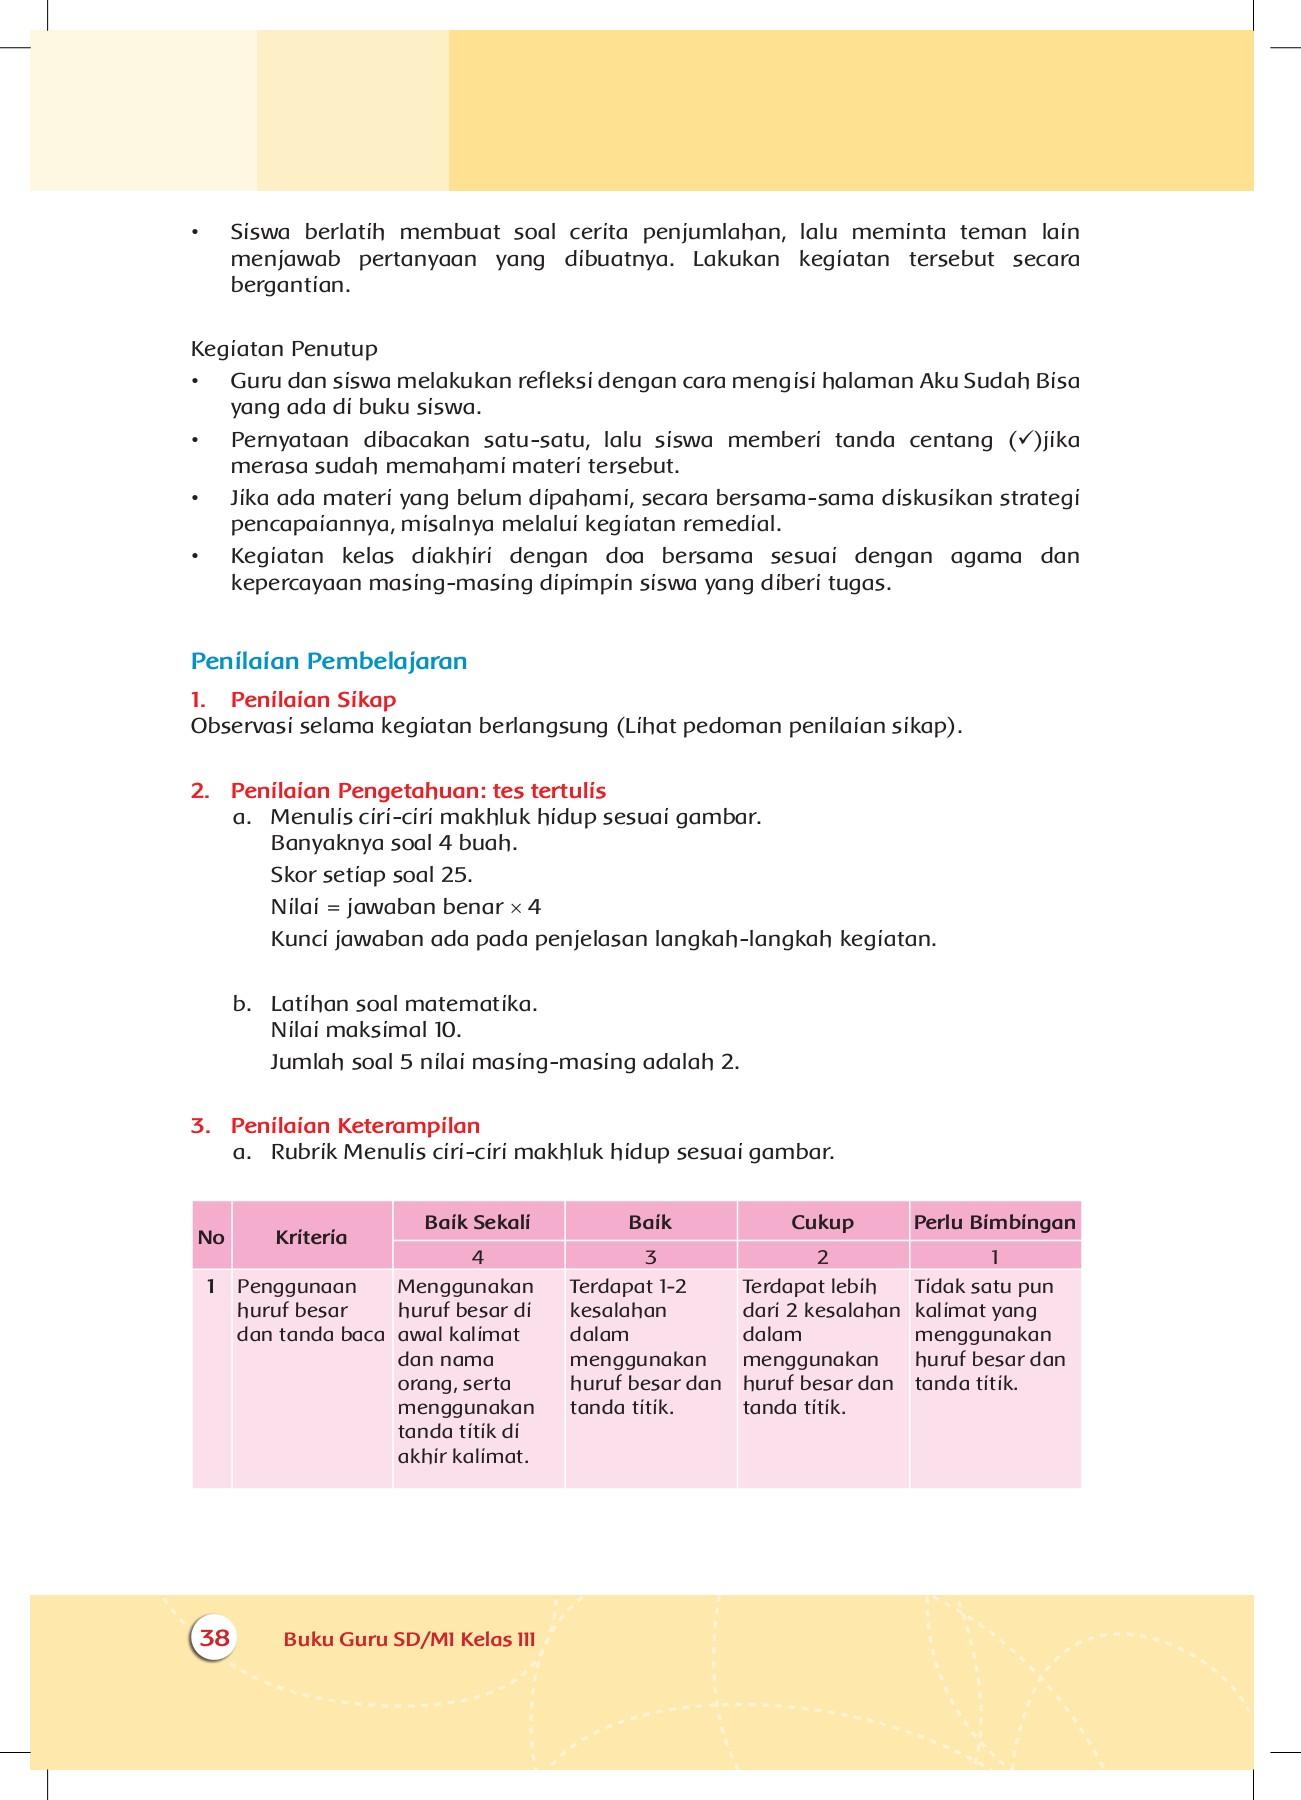 Permainan Kijang Dan Rusa Menggunakan Gerak : permainan, kijang, menggunakan, gerak, Kelas, Revisi, Ayomadrasah, Pages, Download, FlipHTML5